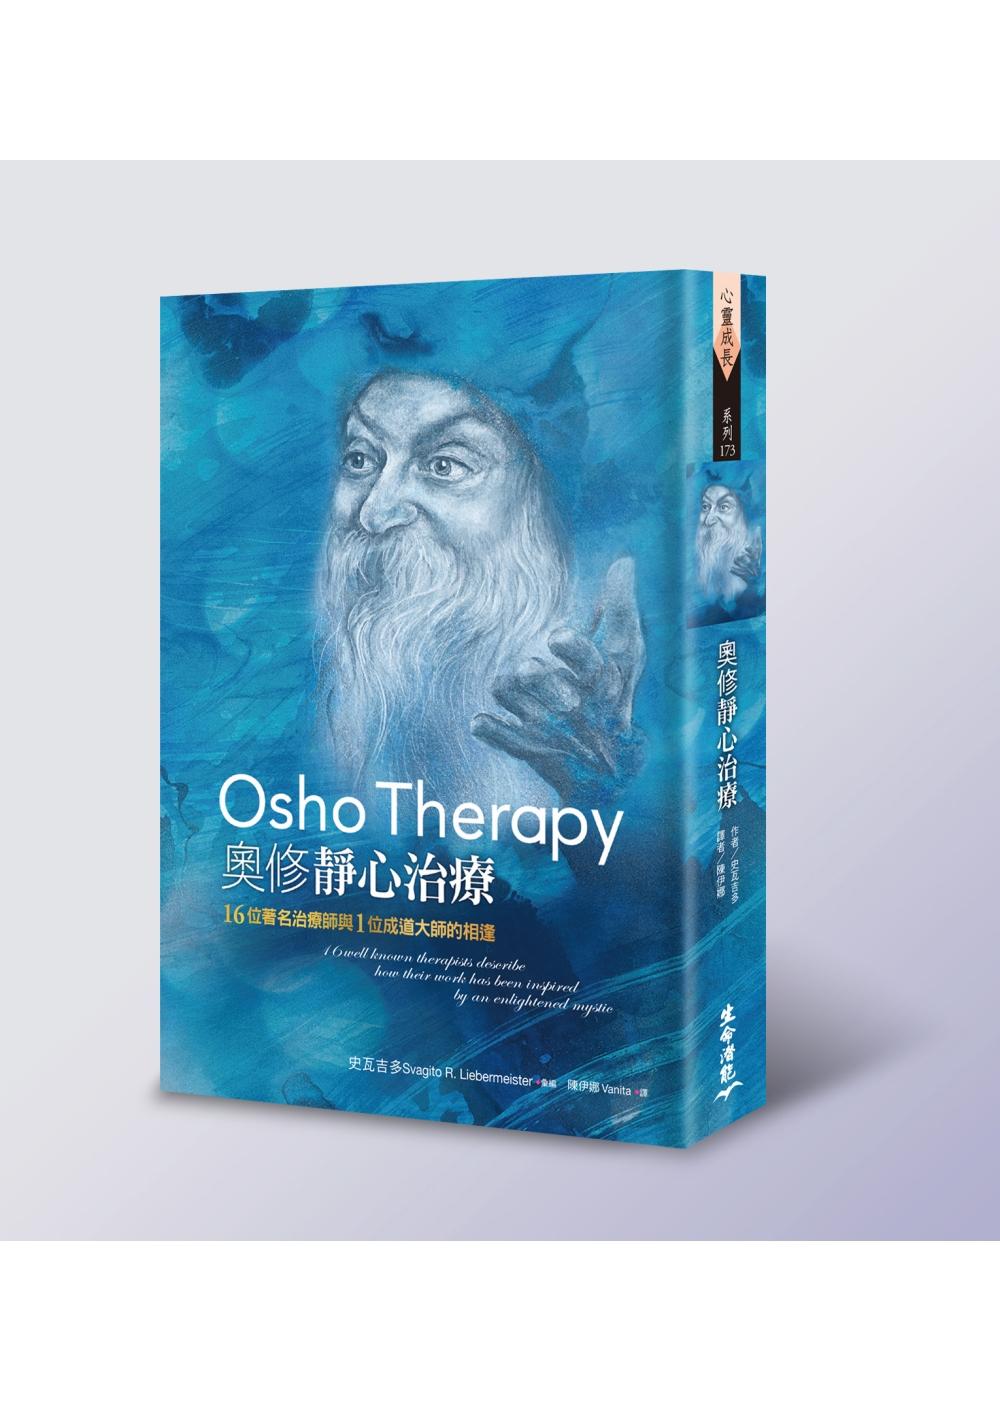 奧修靜心治療:16位著名治療師與1位成道奧祕的相逢